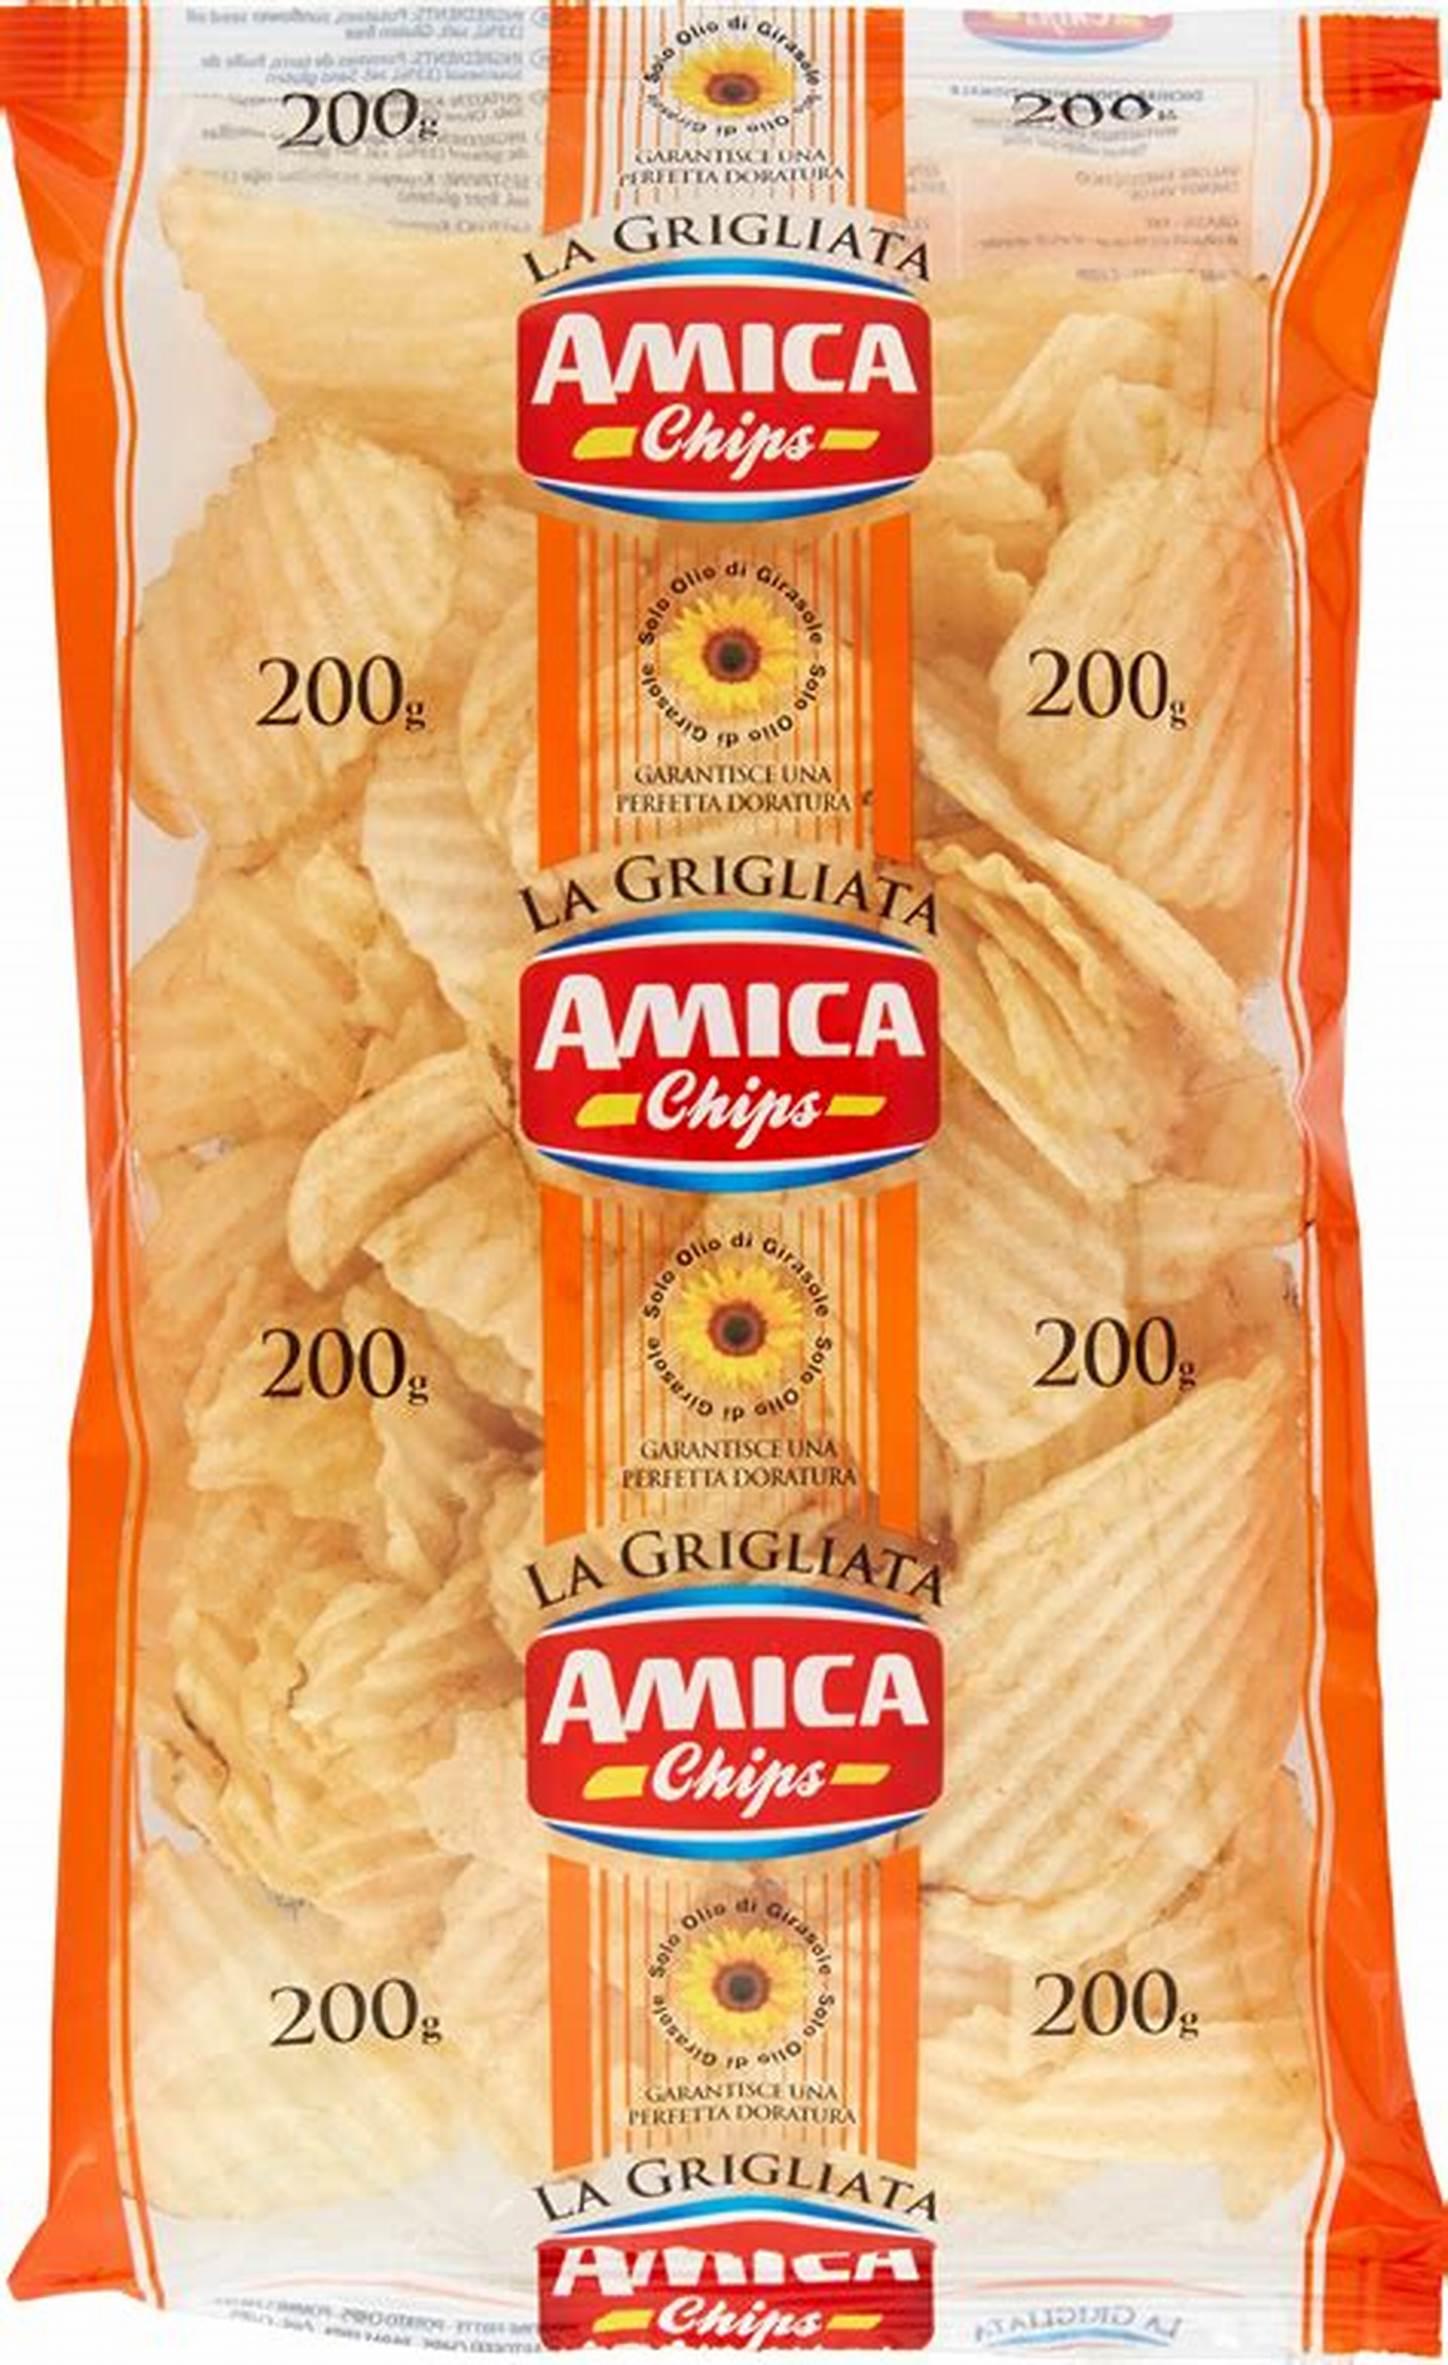 AMICA CHIPS LA GRIGLIATA 200G